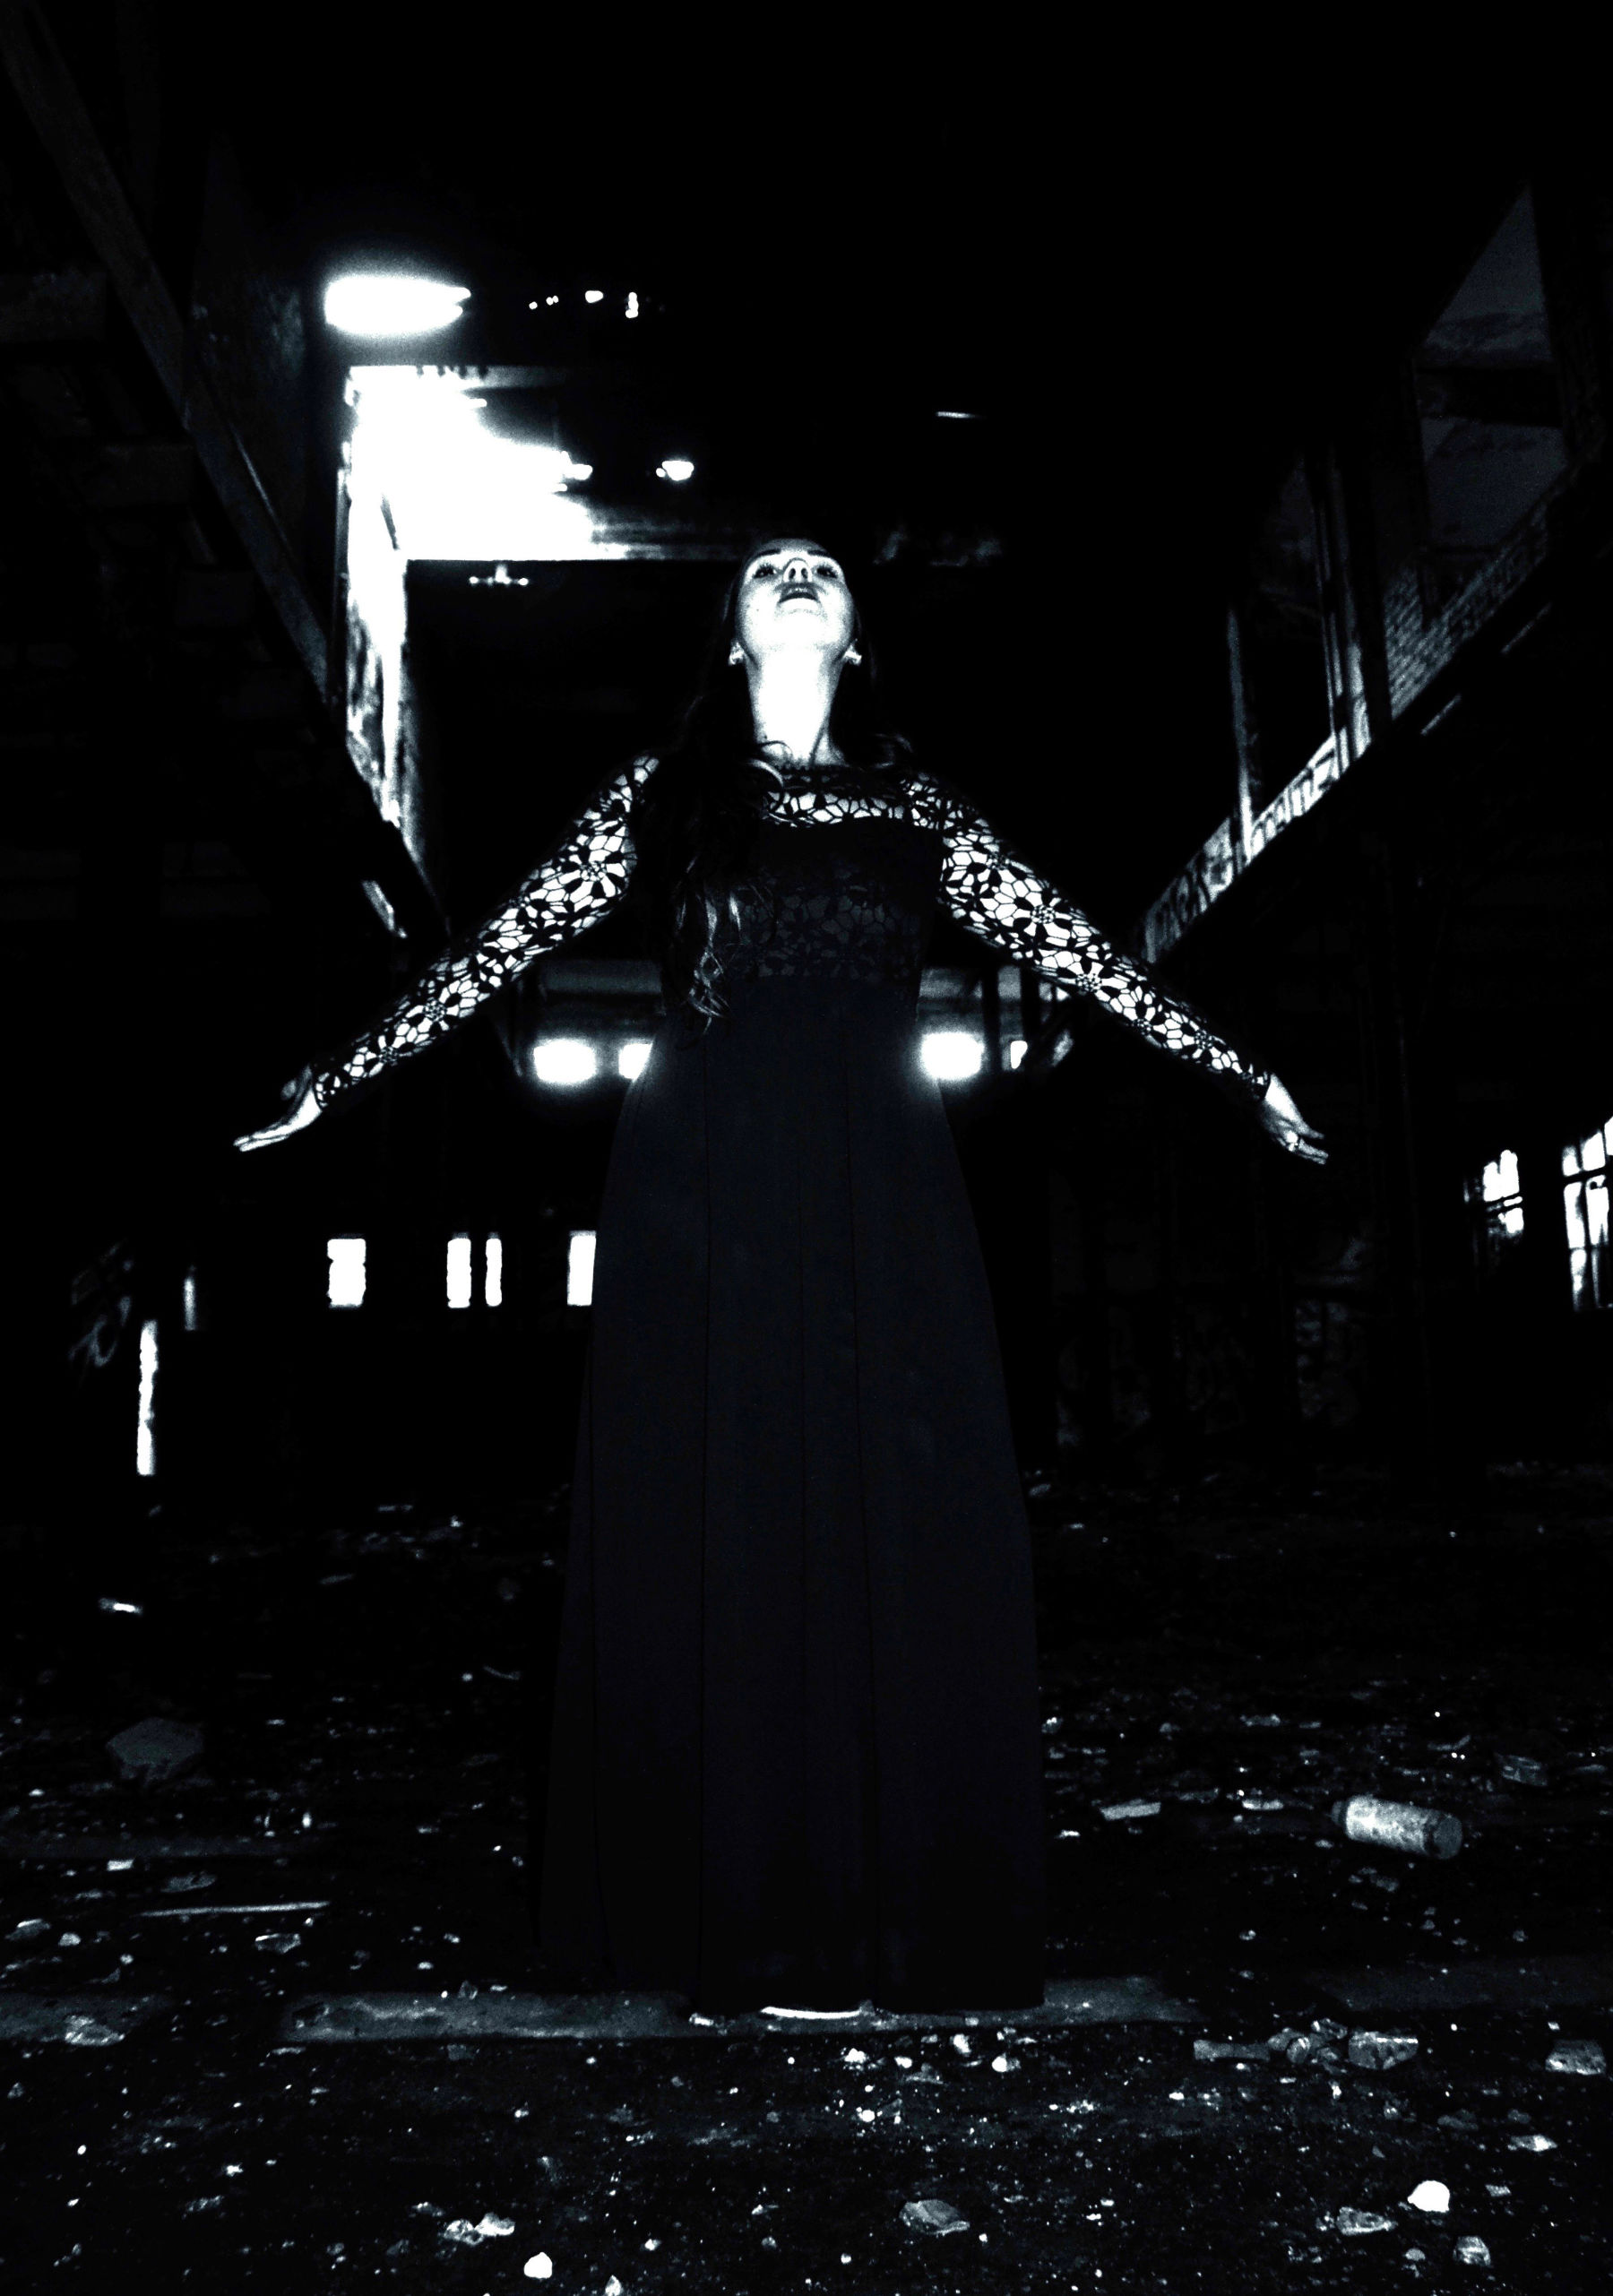 Eckhard-Ischebeck-Industrial-Sorceress